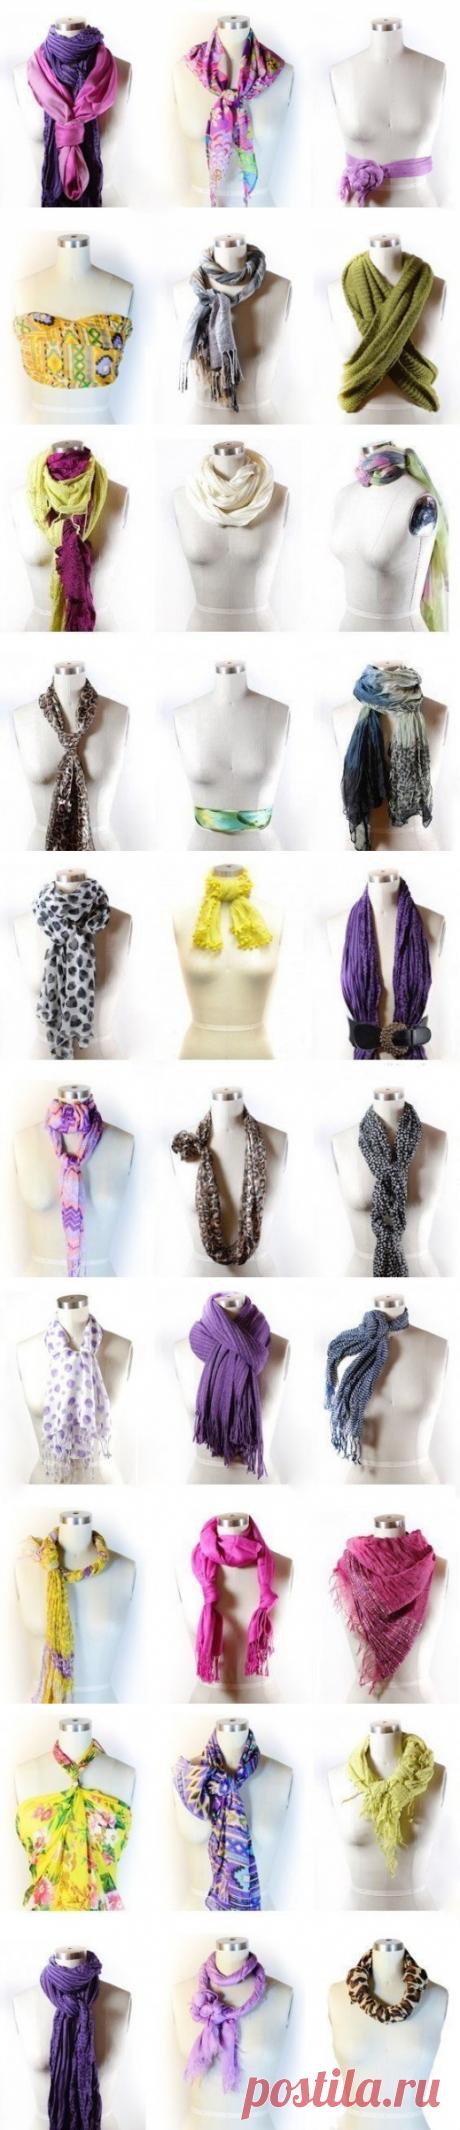 42 способа стильно завязать шарф — Полезные советы